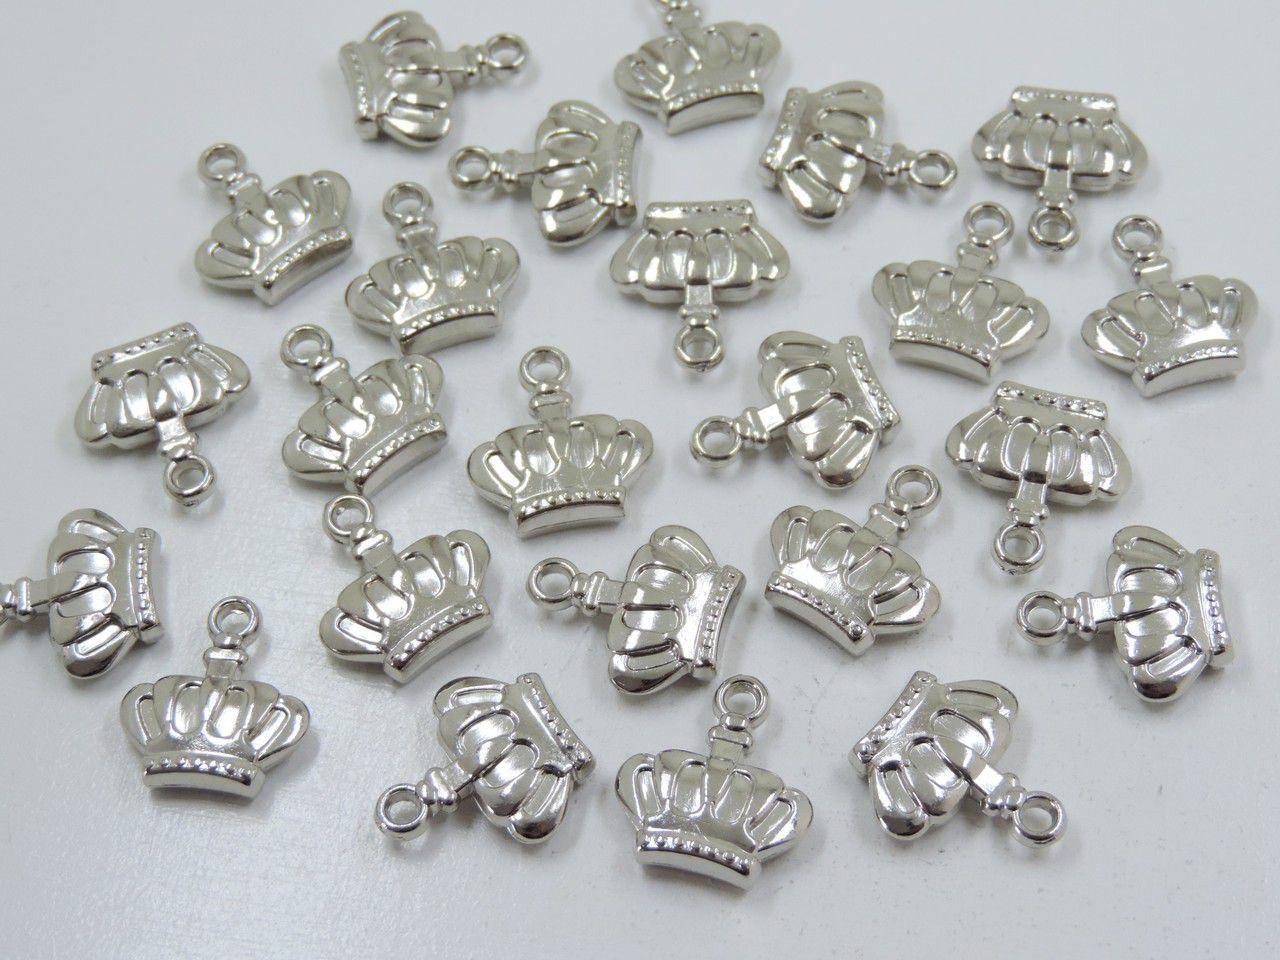 pingente coroa abs prata 2cm 24 unidades